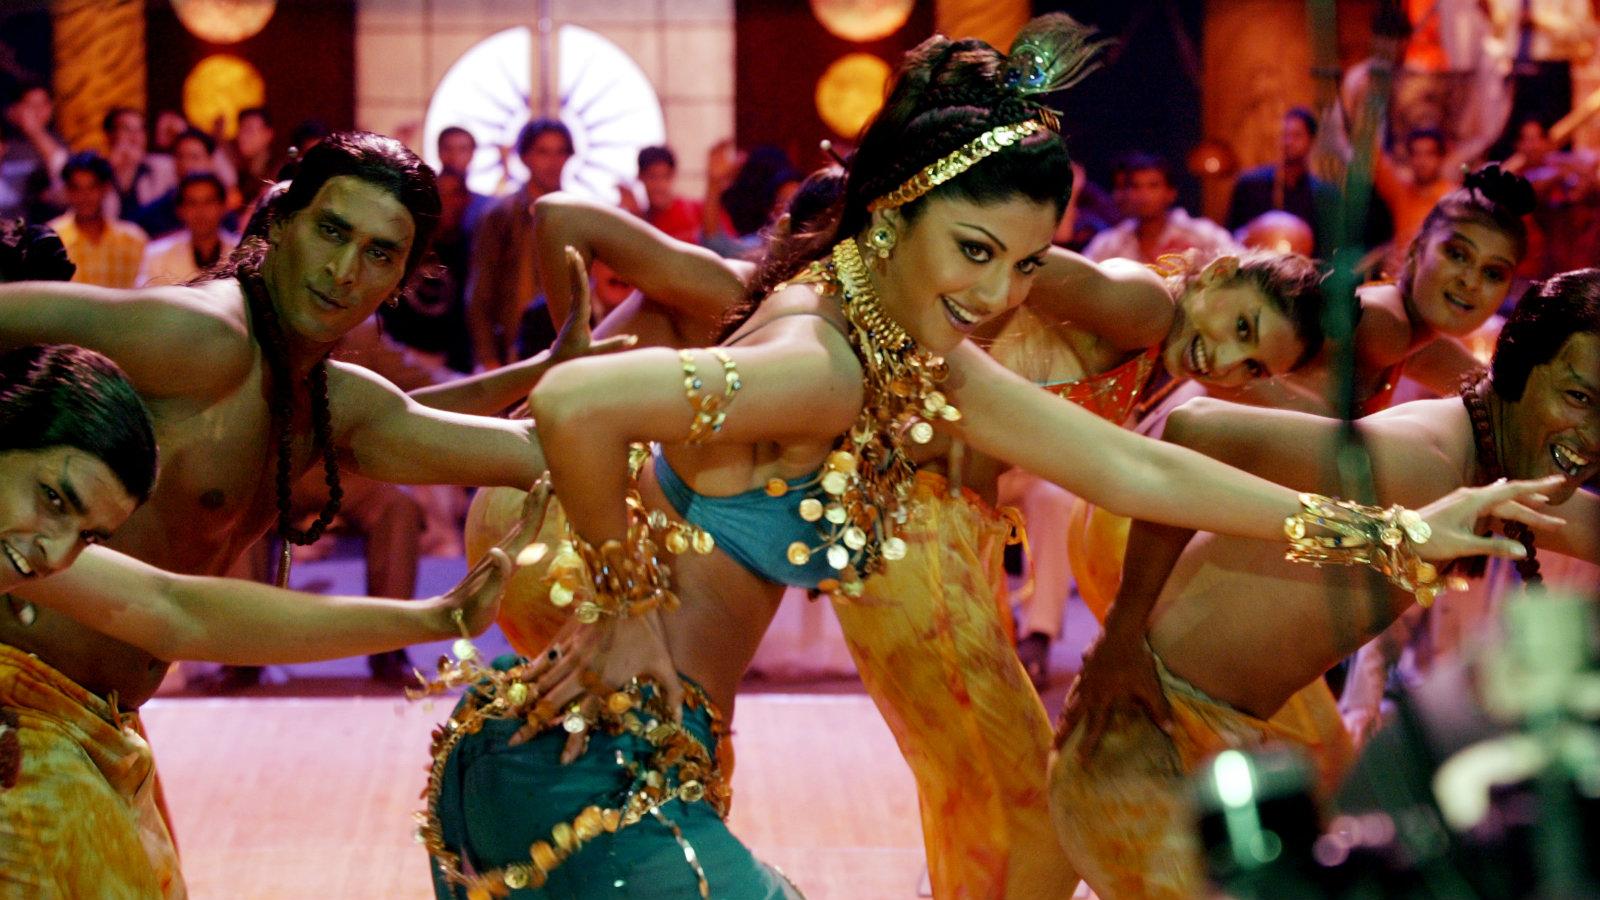 From Katrina Kaif to Deepika Padukone: what women sing about